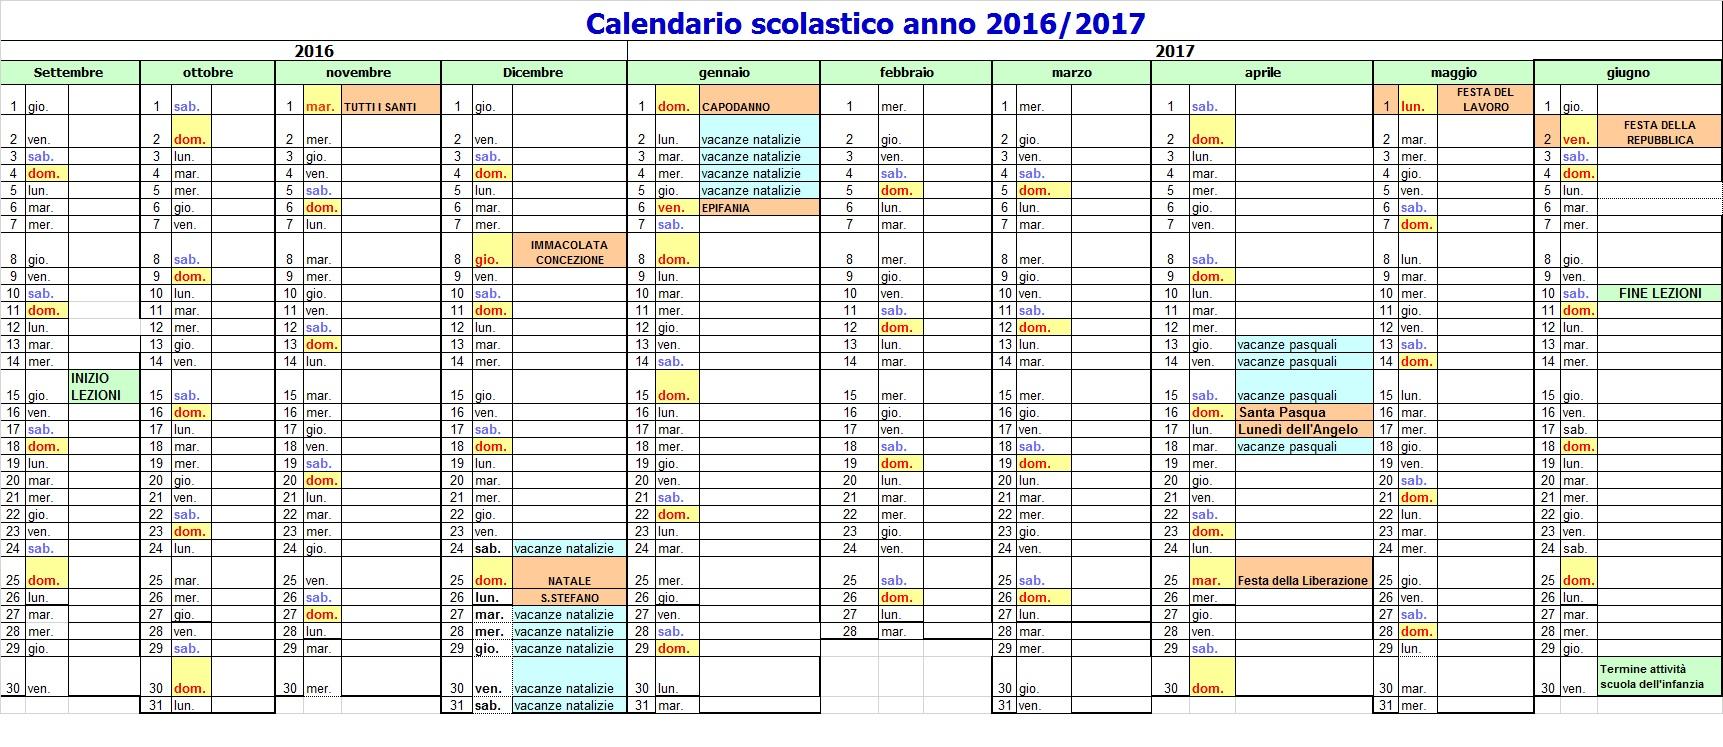 Calendario Scolastico Toscana 2020.Calendario Scolastico Toscana Calendario 2020